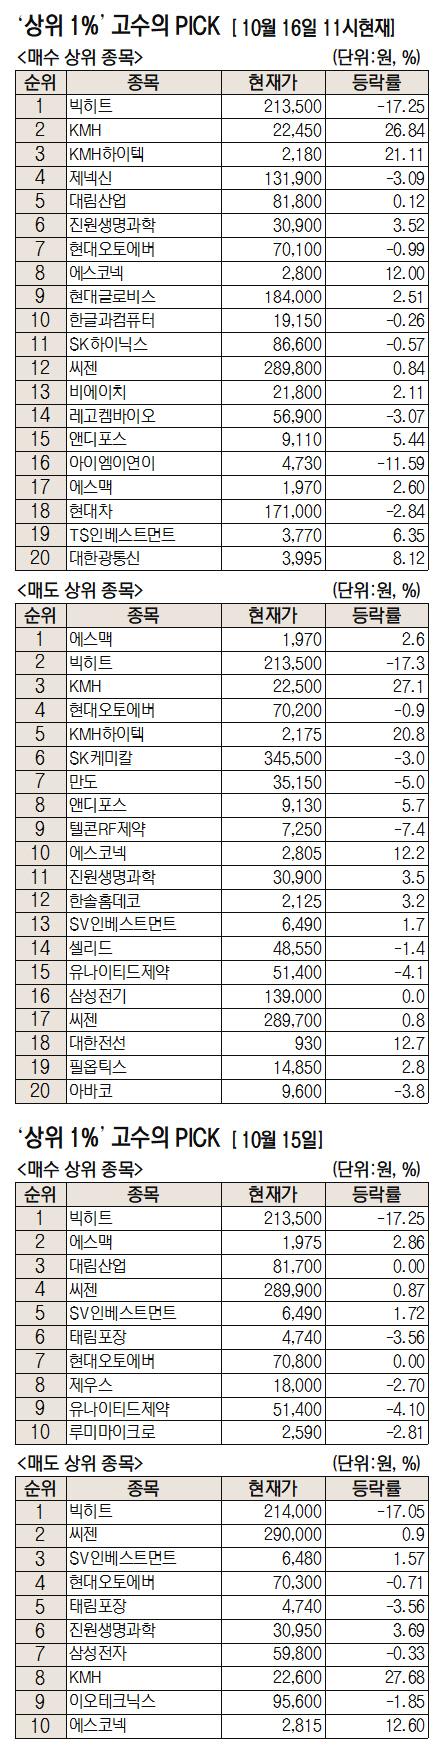 [주식 초고수는 지금] BTS의 '빅히트' 집중 매수